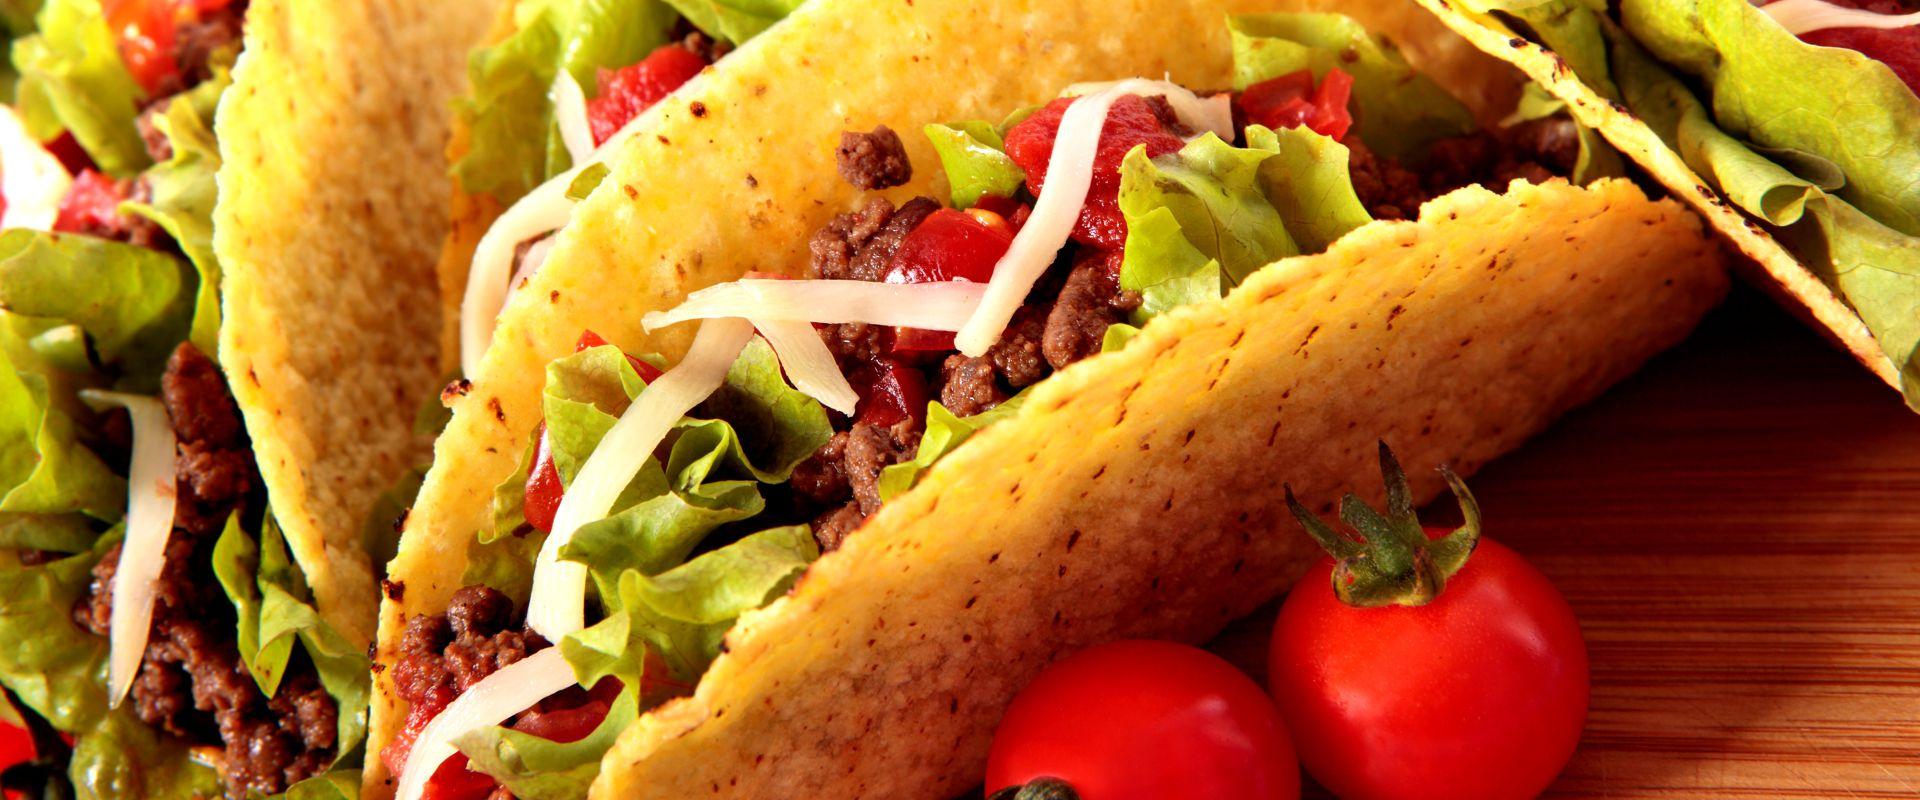 el soares comida mexicana_